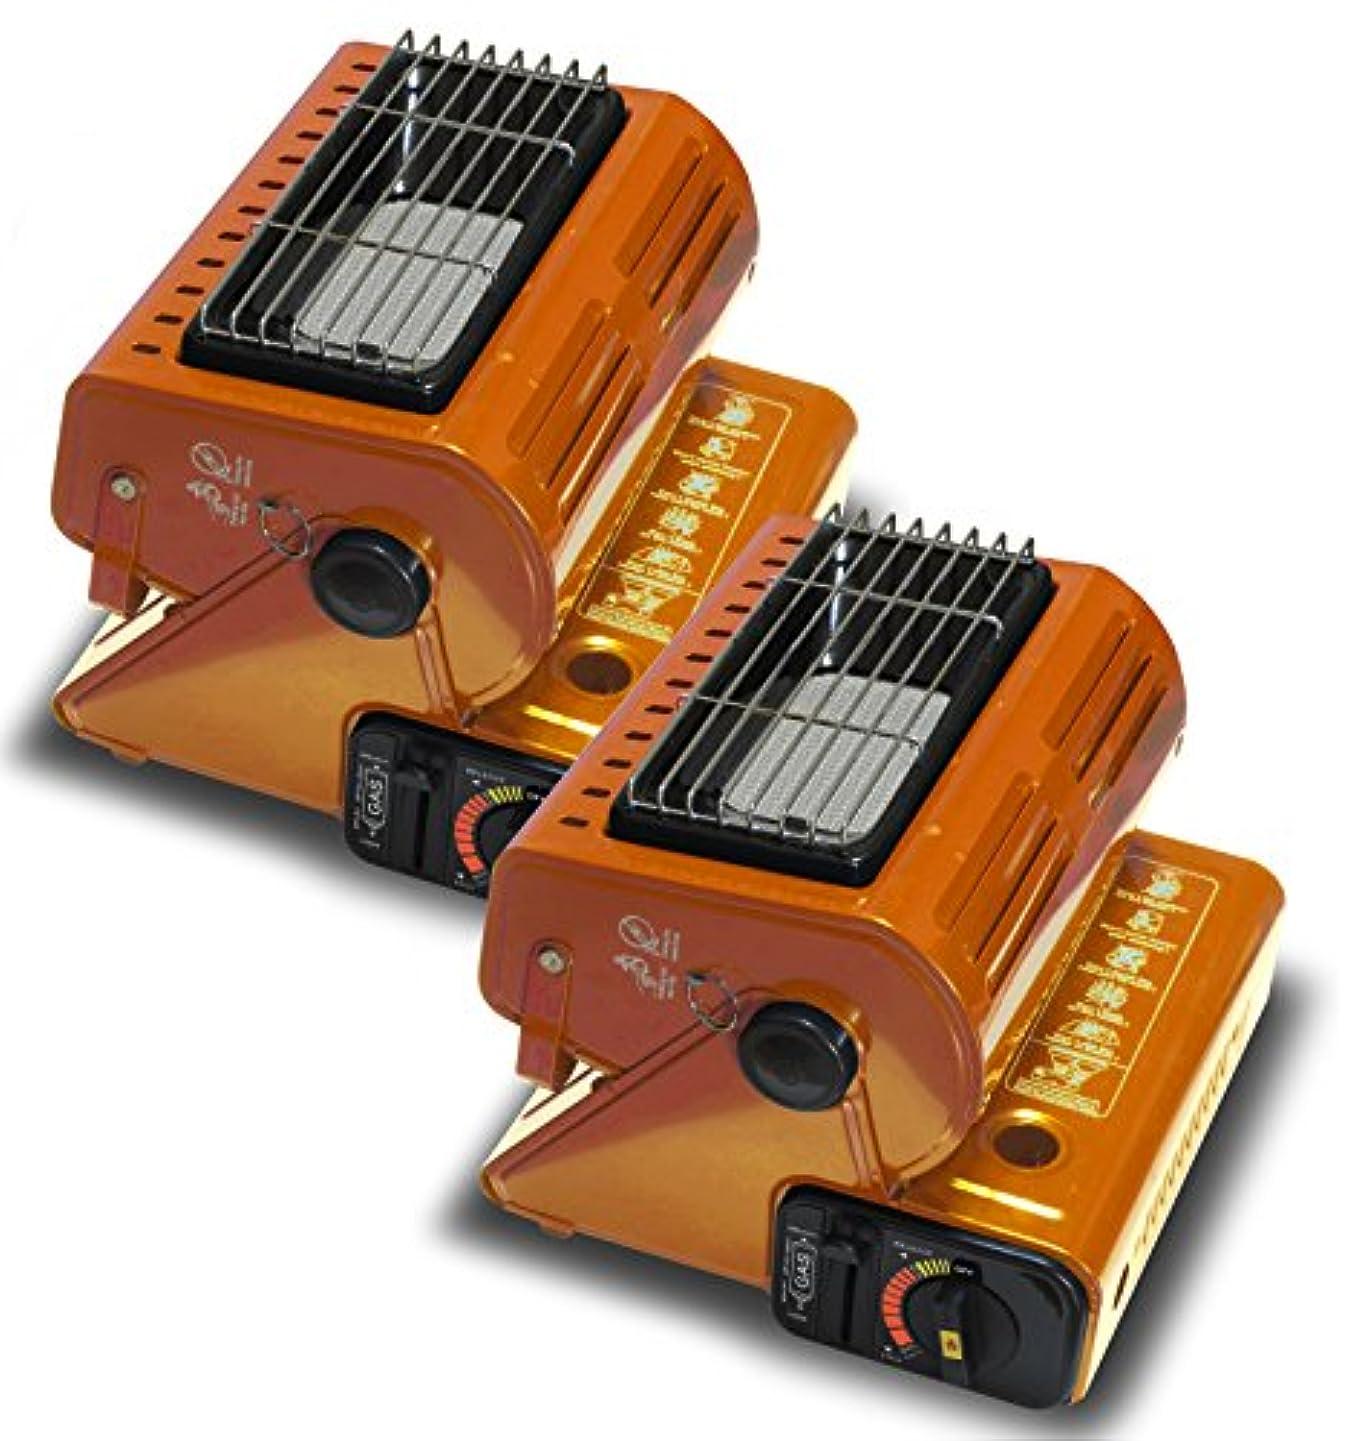 冷笑するワイプアッティカスSEIKOH カセットガスストーブ 2個セット A64NFSET2 オレンジ 小型 カセットボンベ式 電源不要 角度調節可能